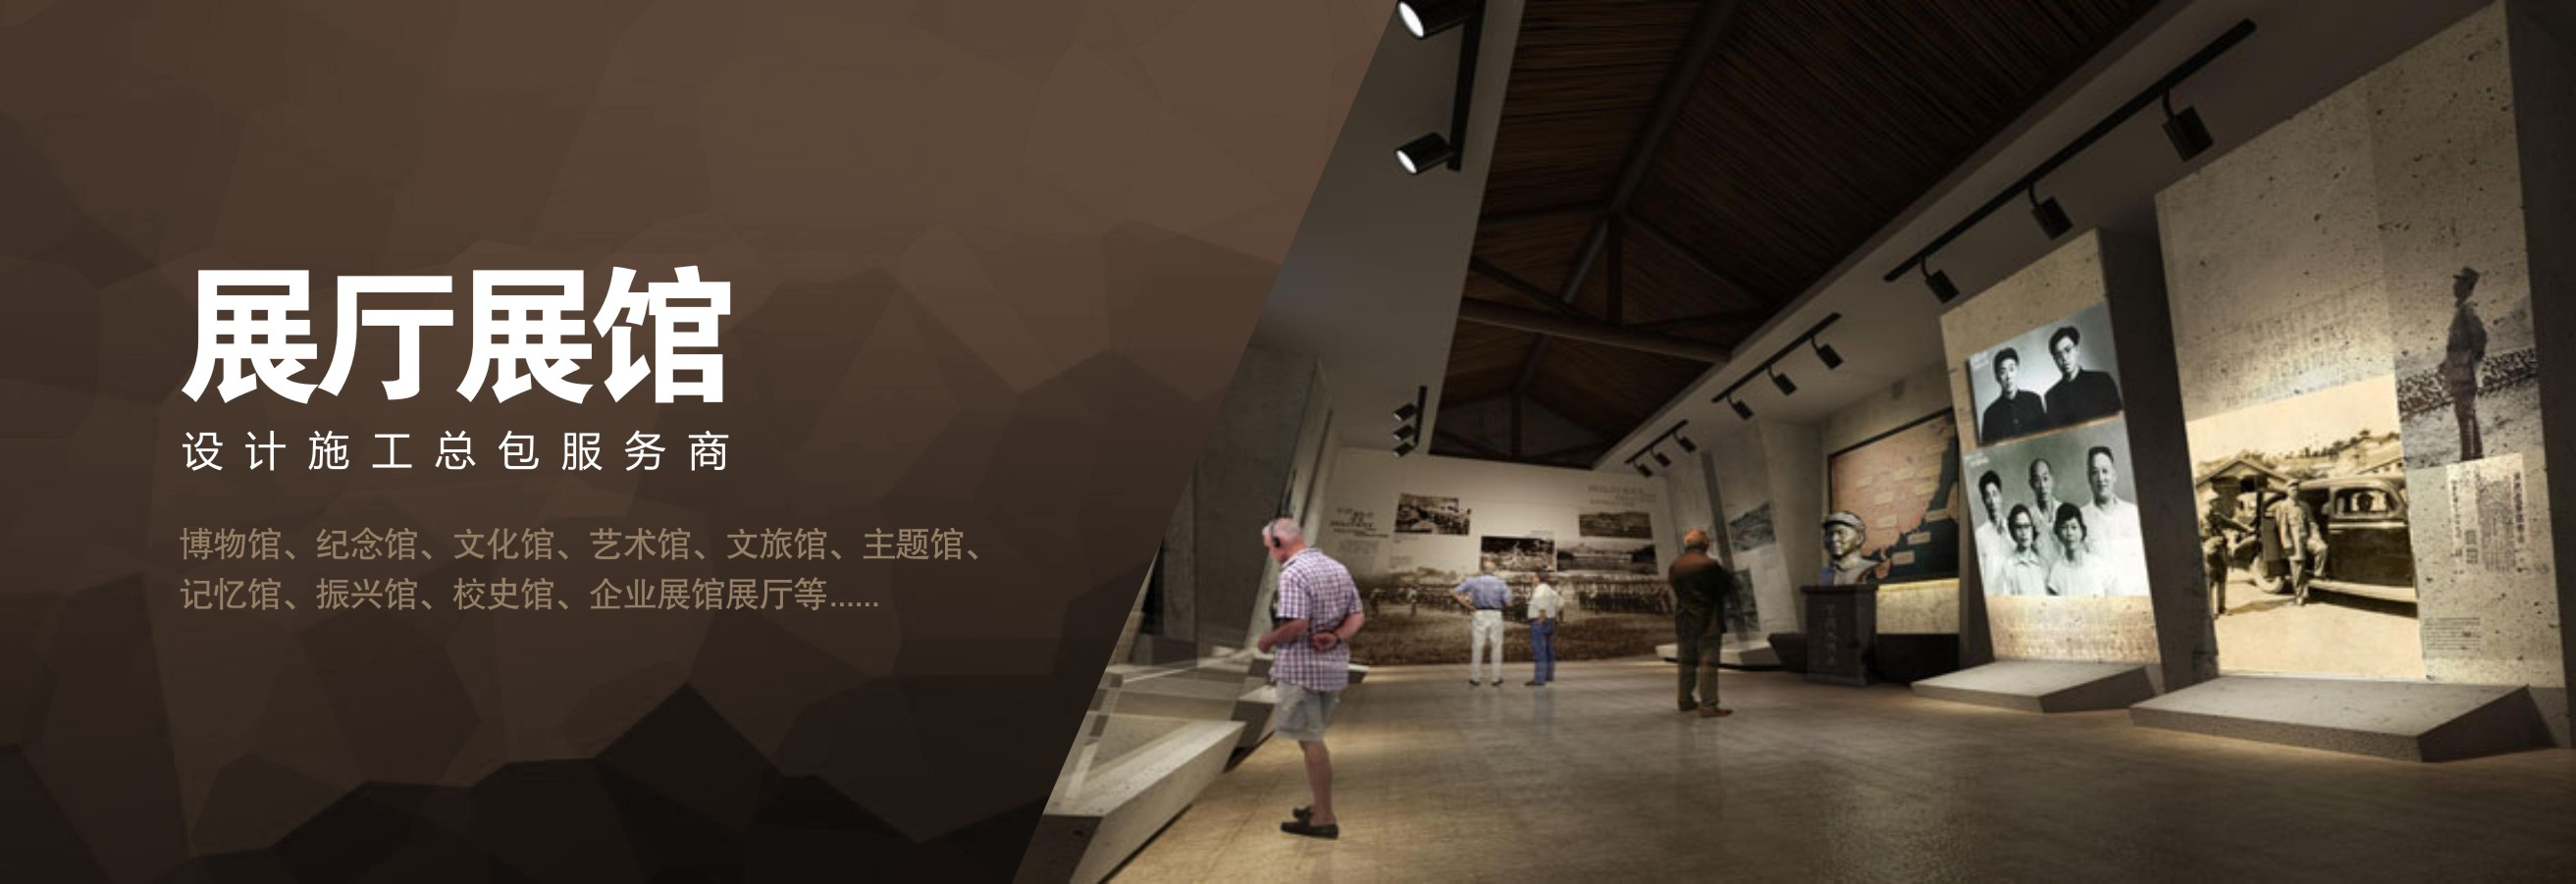 烟台展馆设计